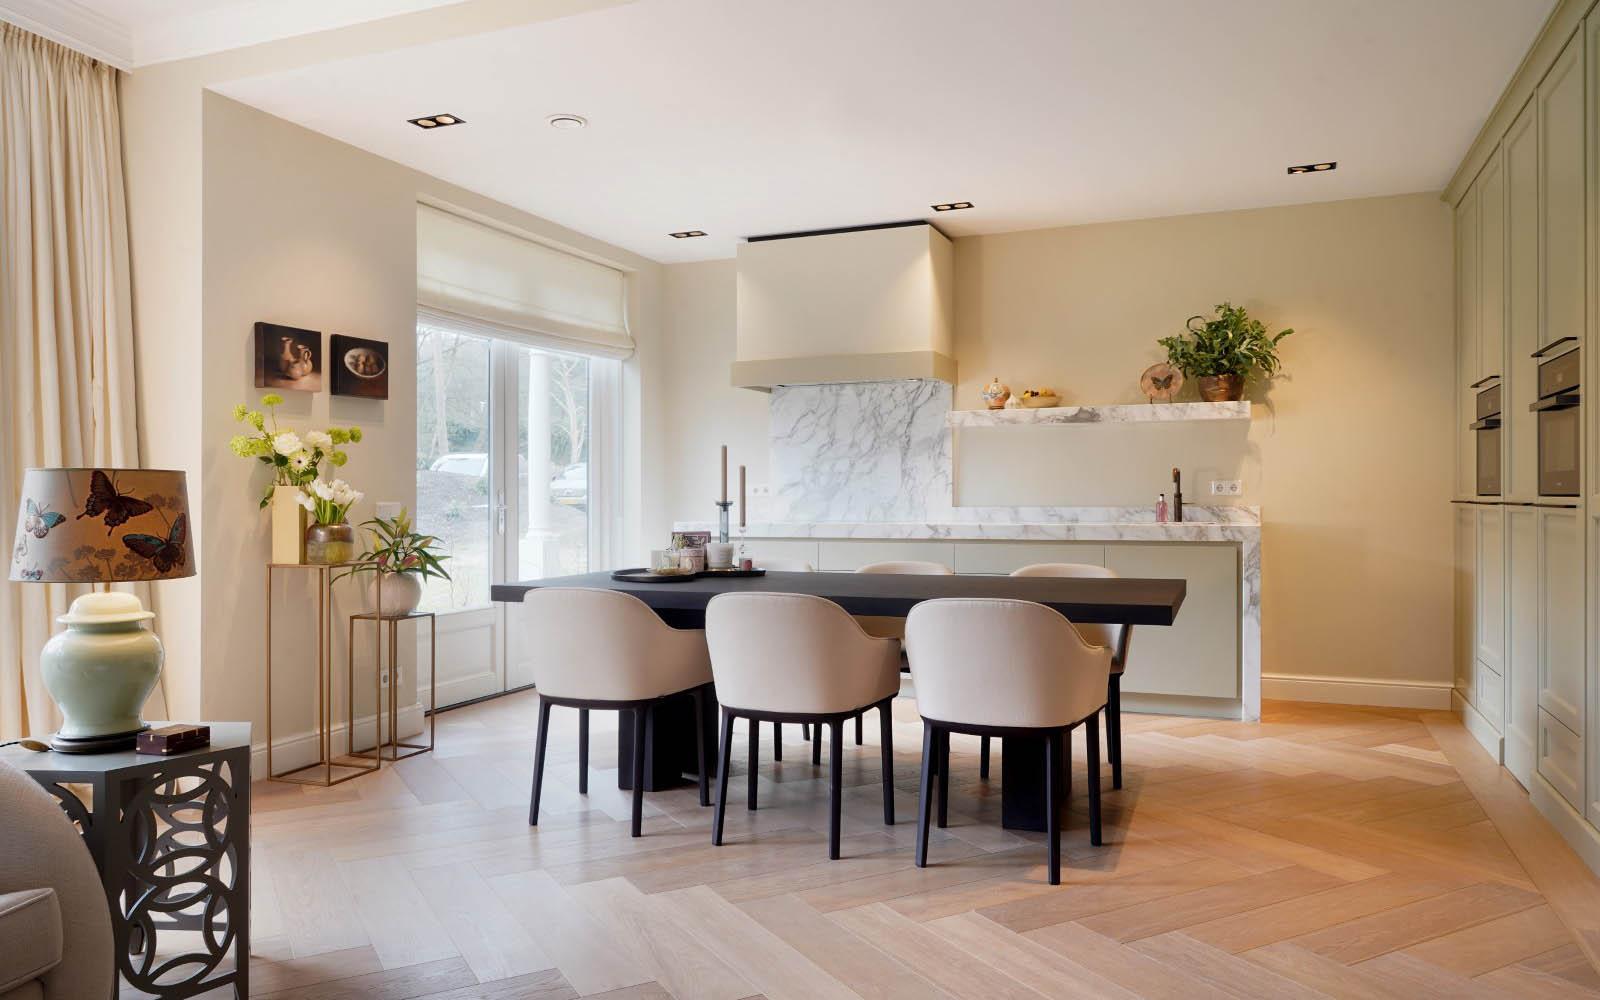 lichte keuken, van essen keukens, the art of living